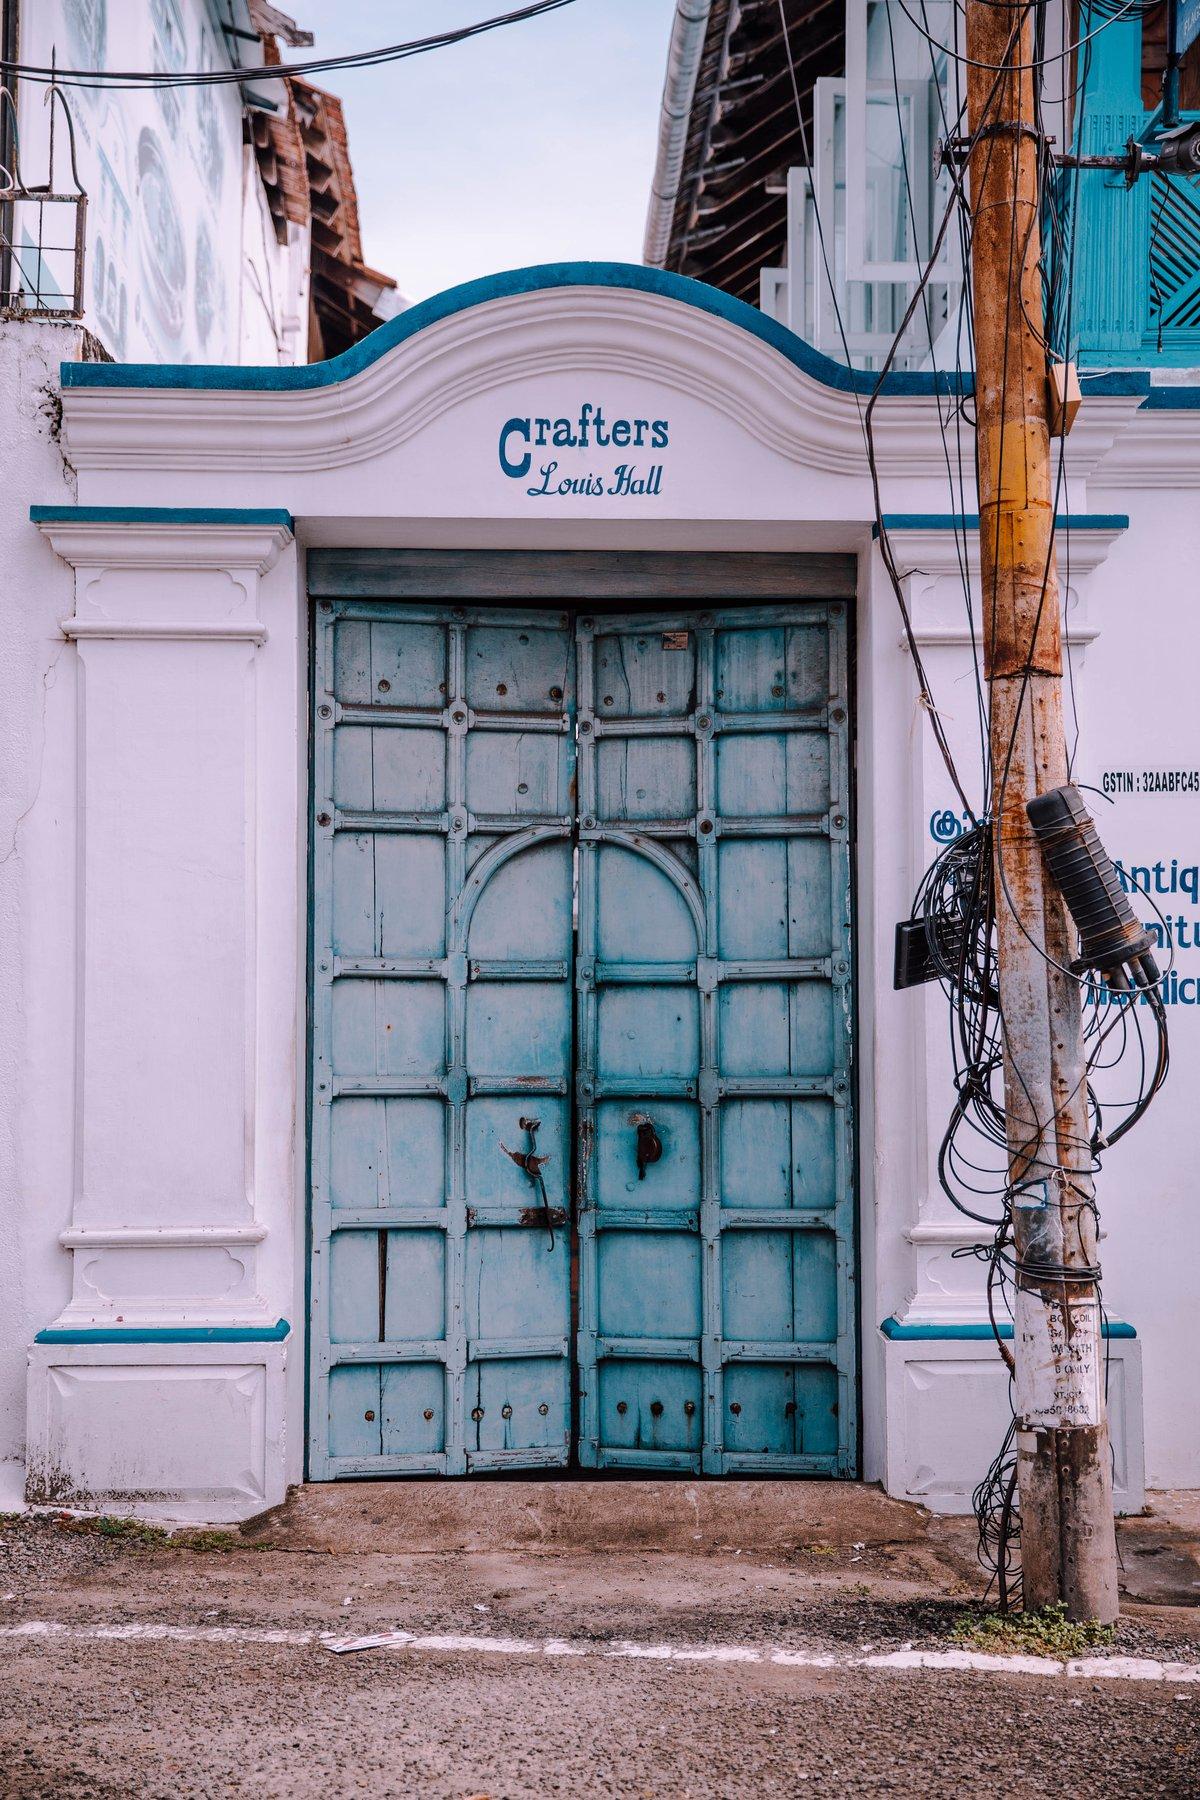 Crafters door